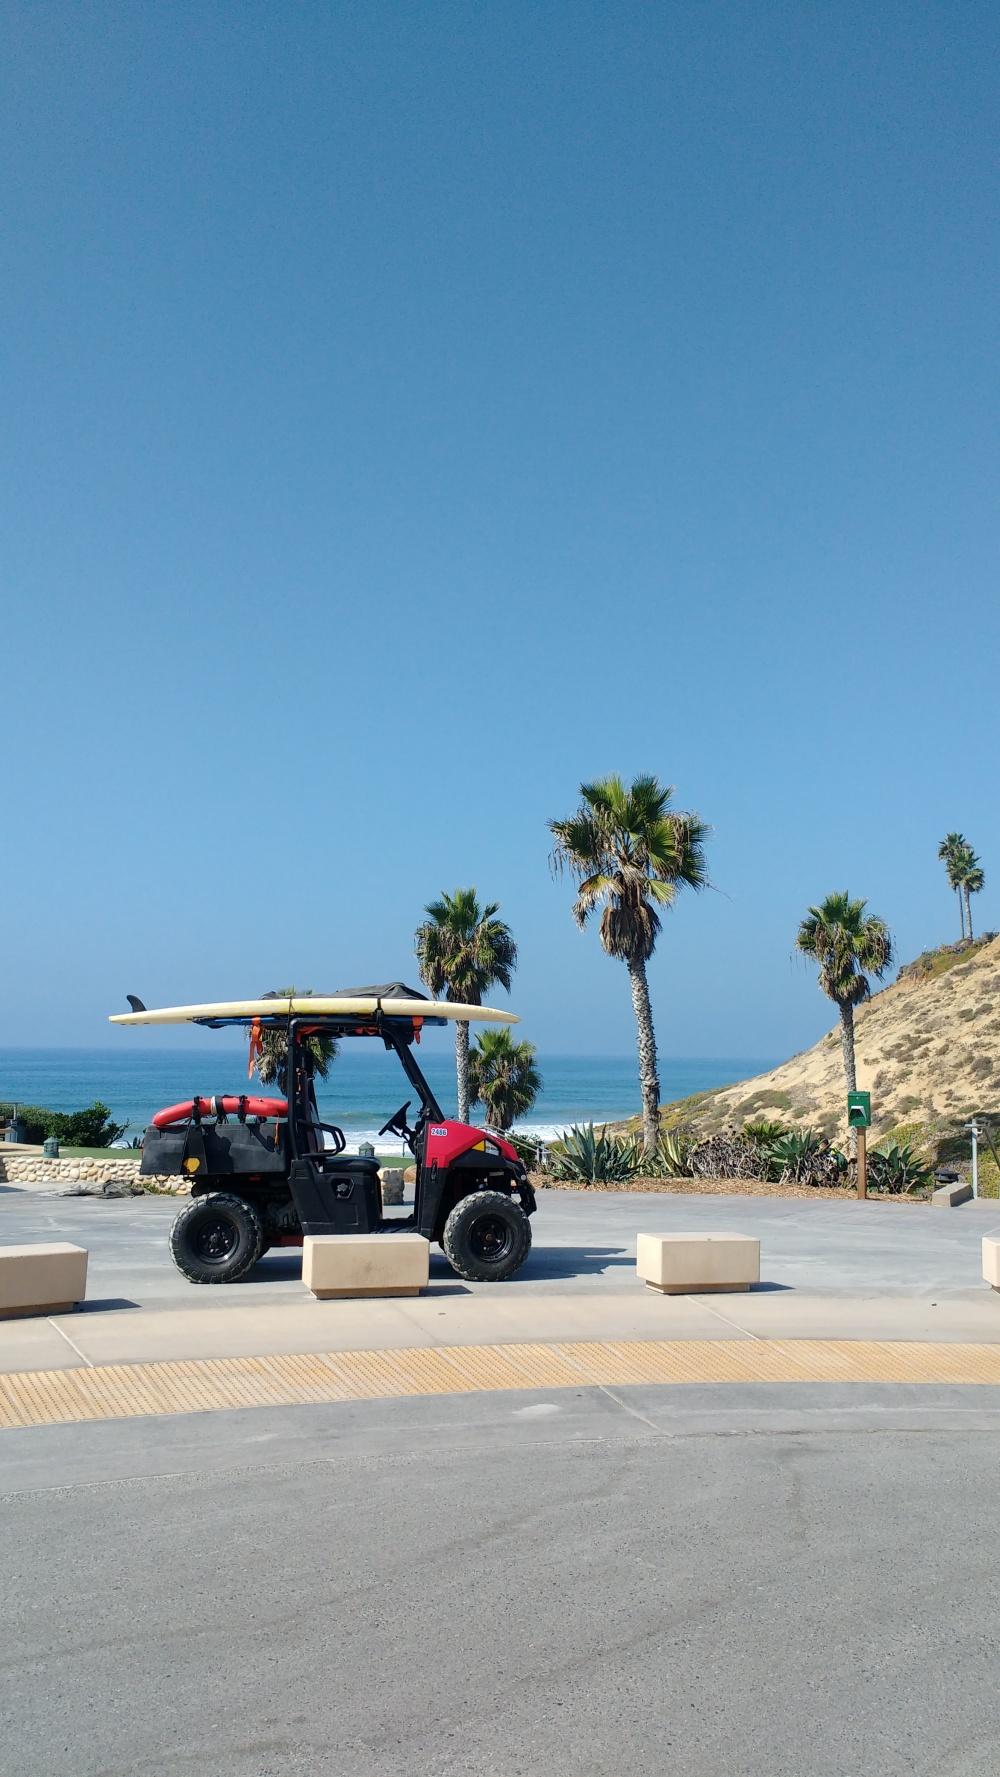 Carrinho com prancha em um dia ensolarado na praia da Califórnia